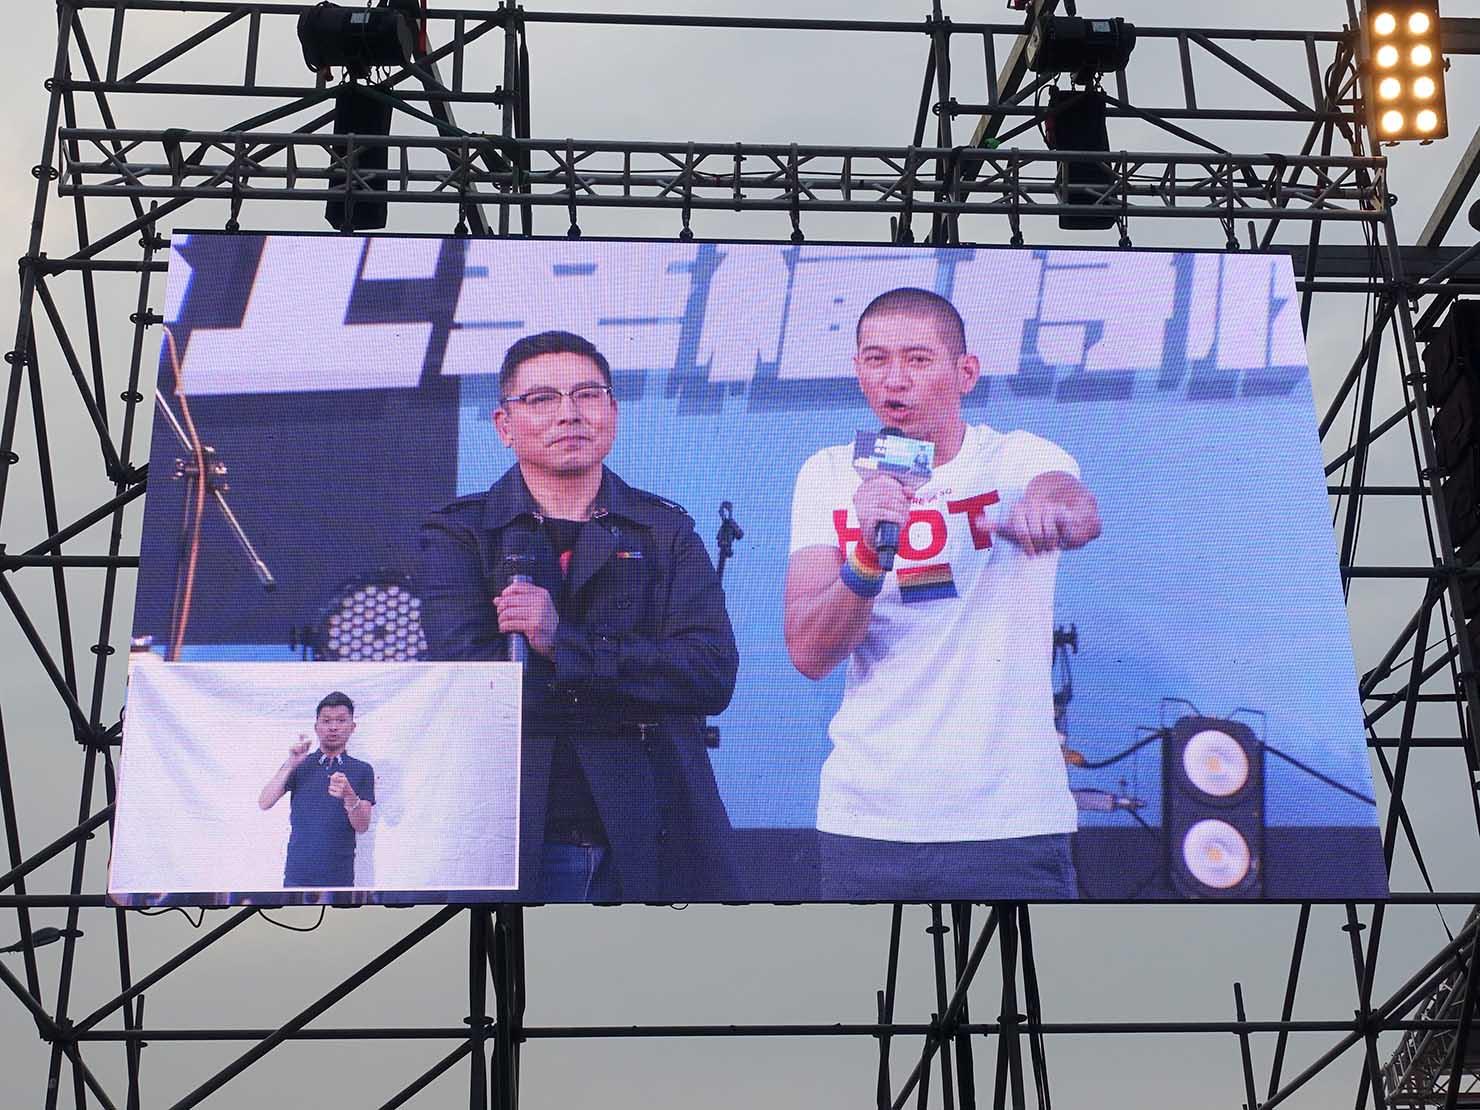 台湾のLGBT音楽イベント『為愛返家音樂會』会場のステージに立つ有名公民科教師・黃益中さん